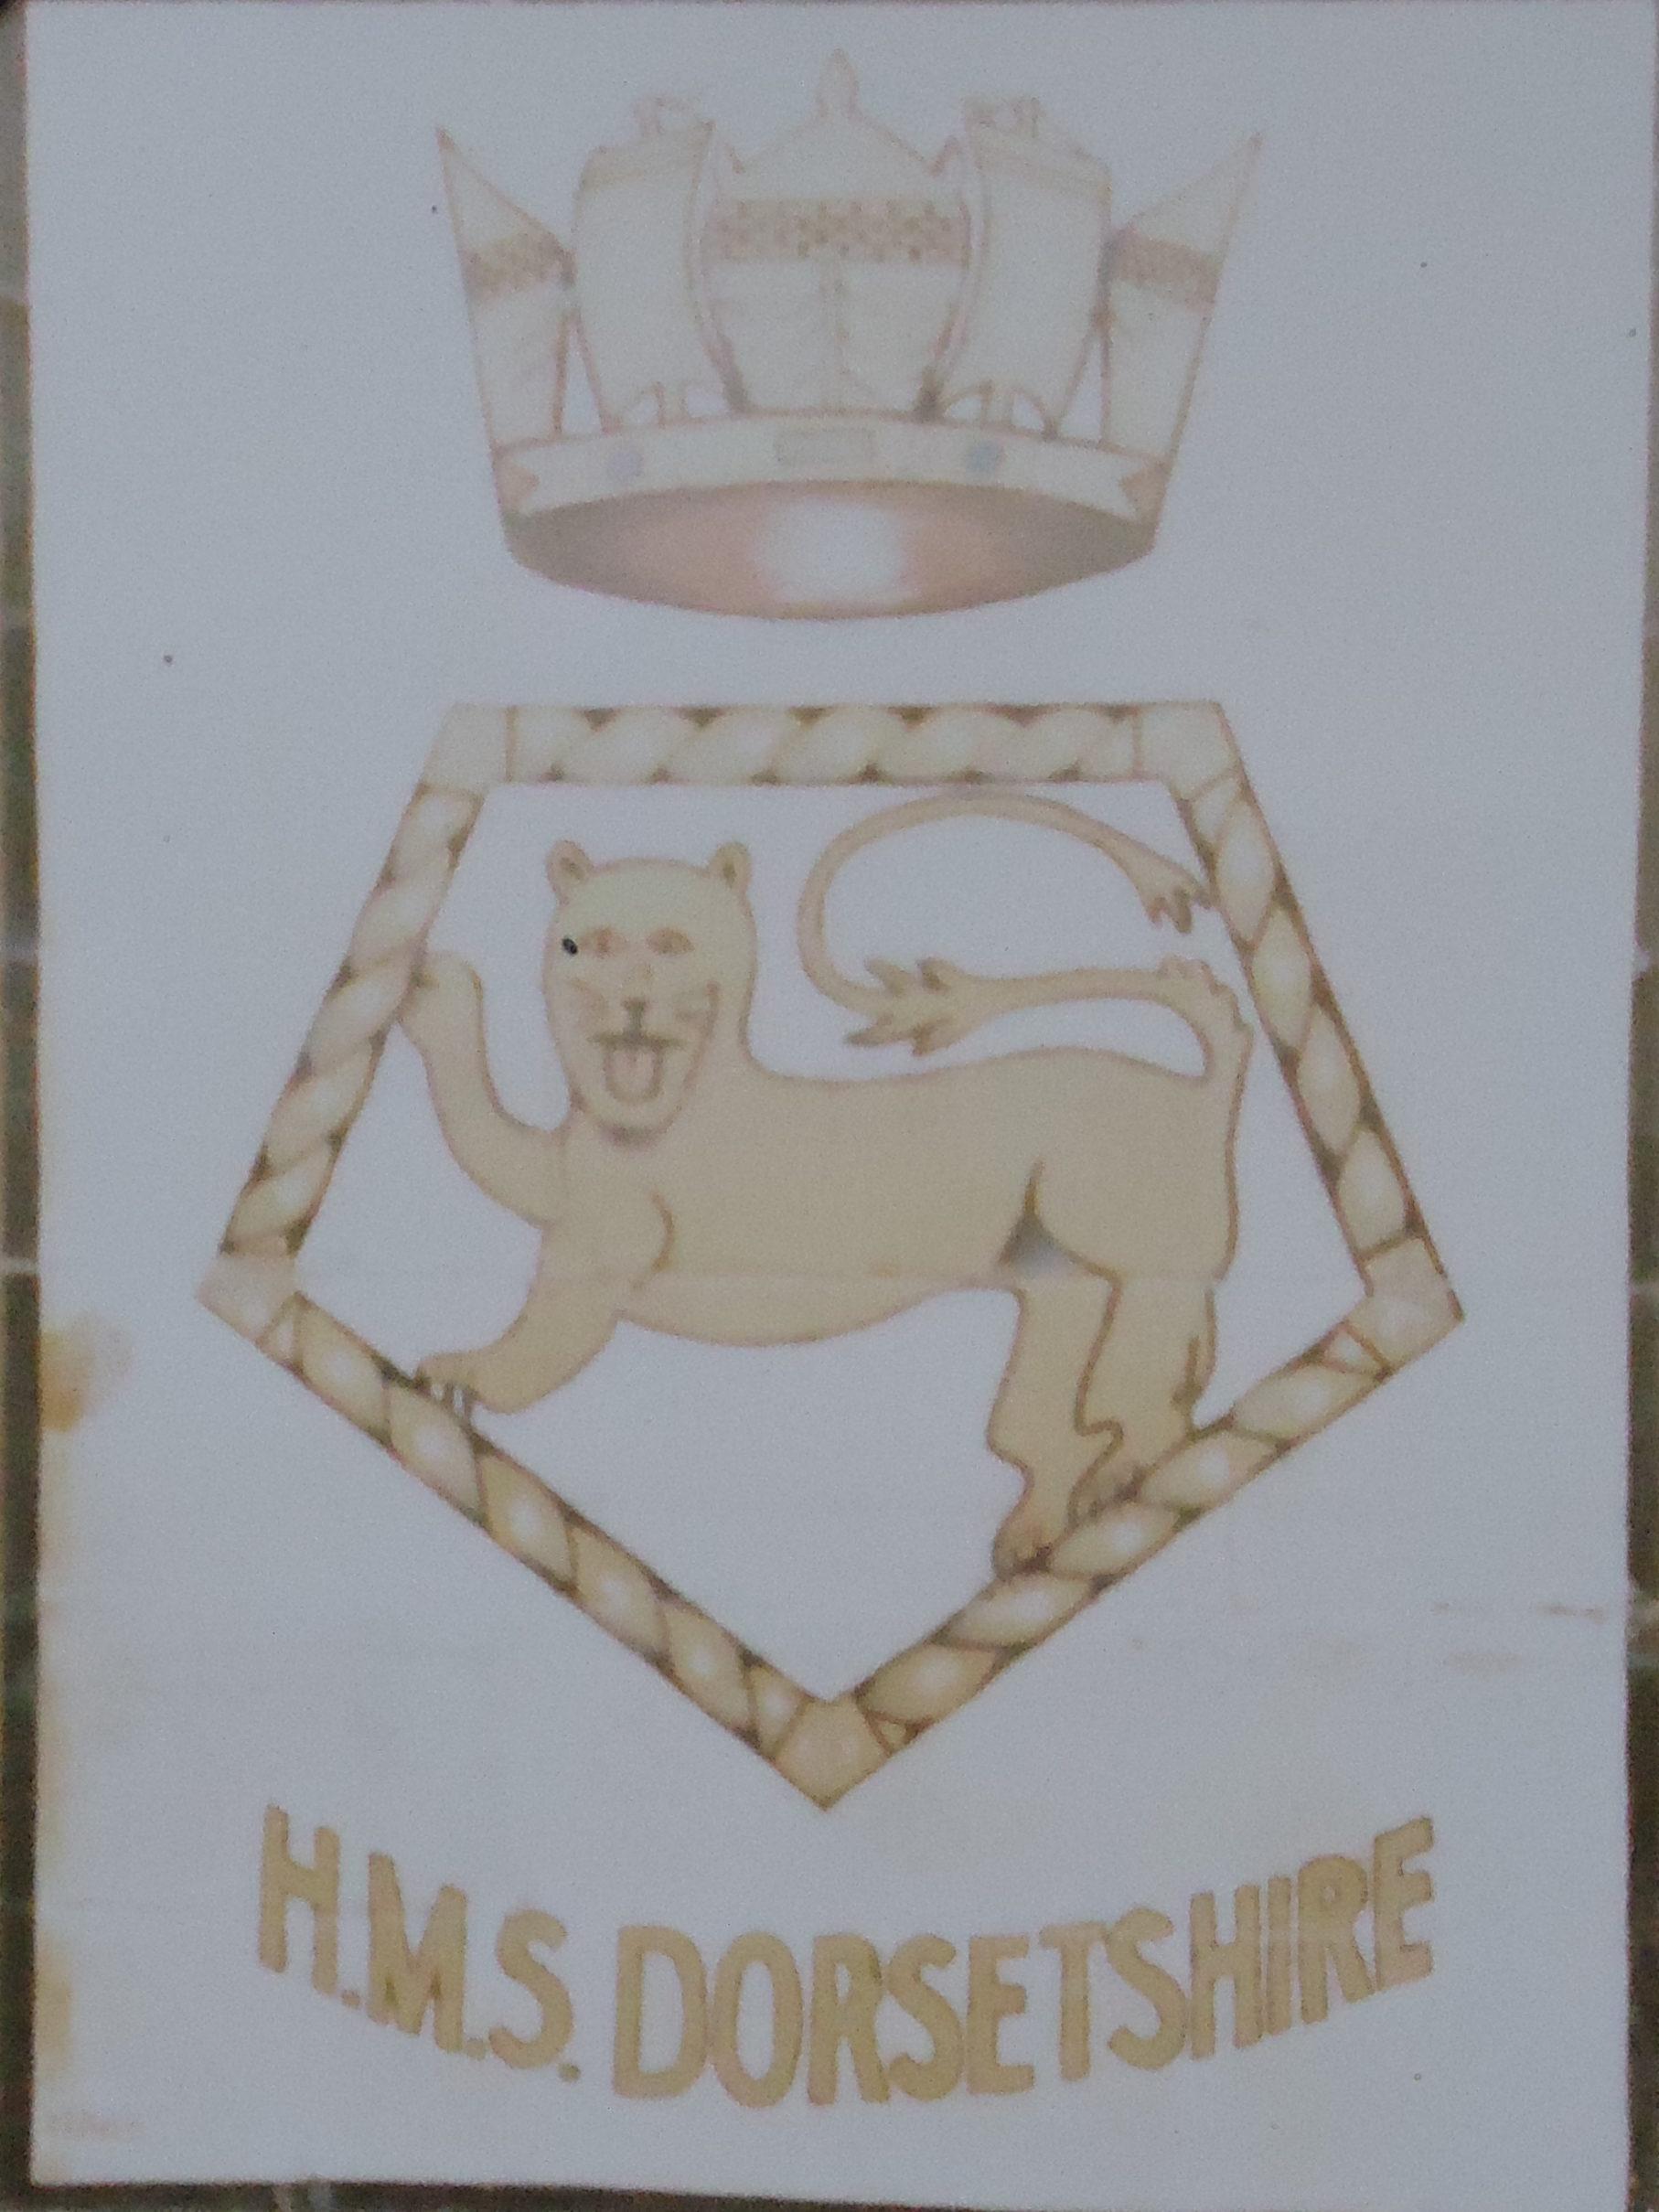 Dorsetshire Crest